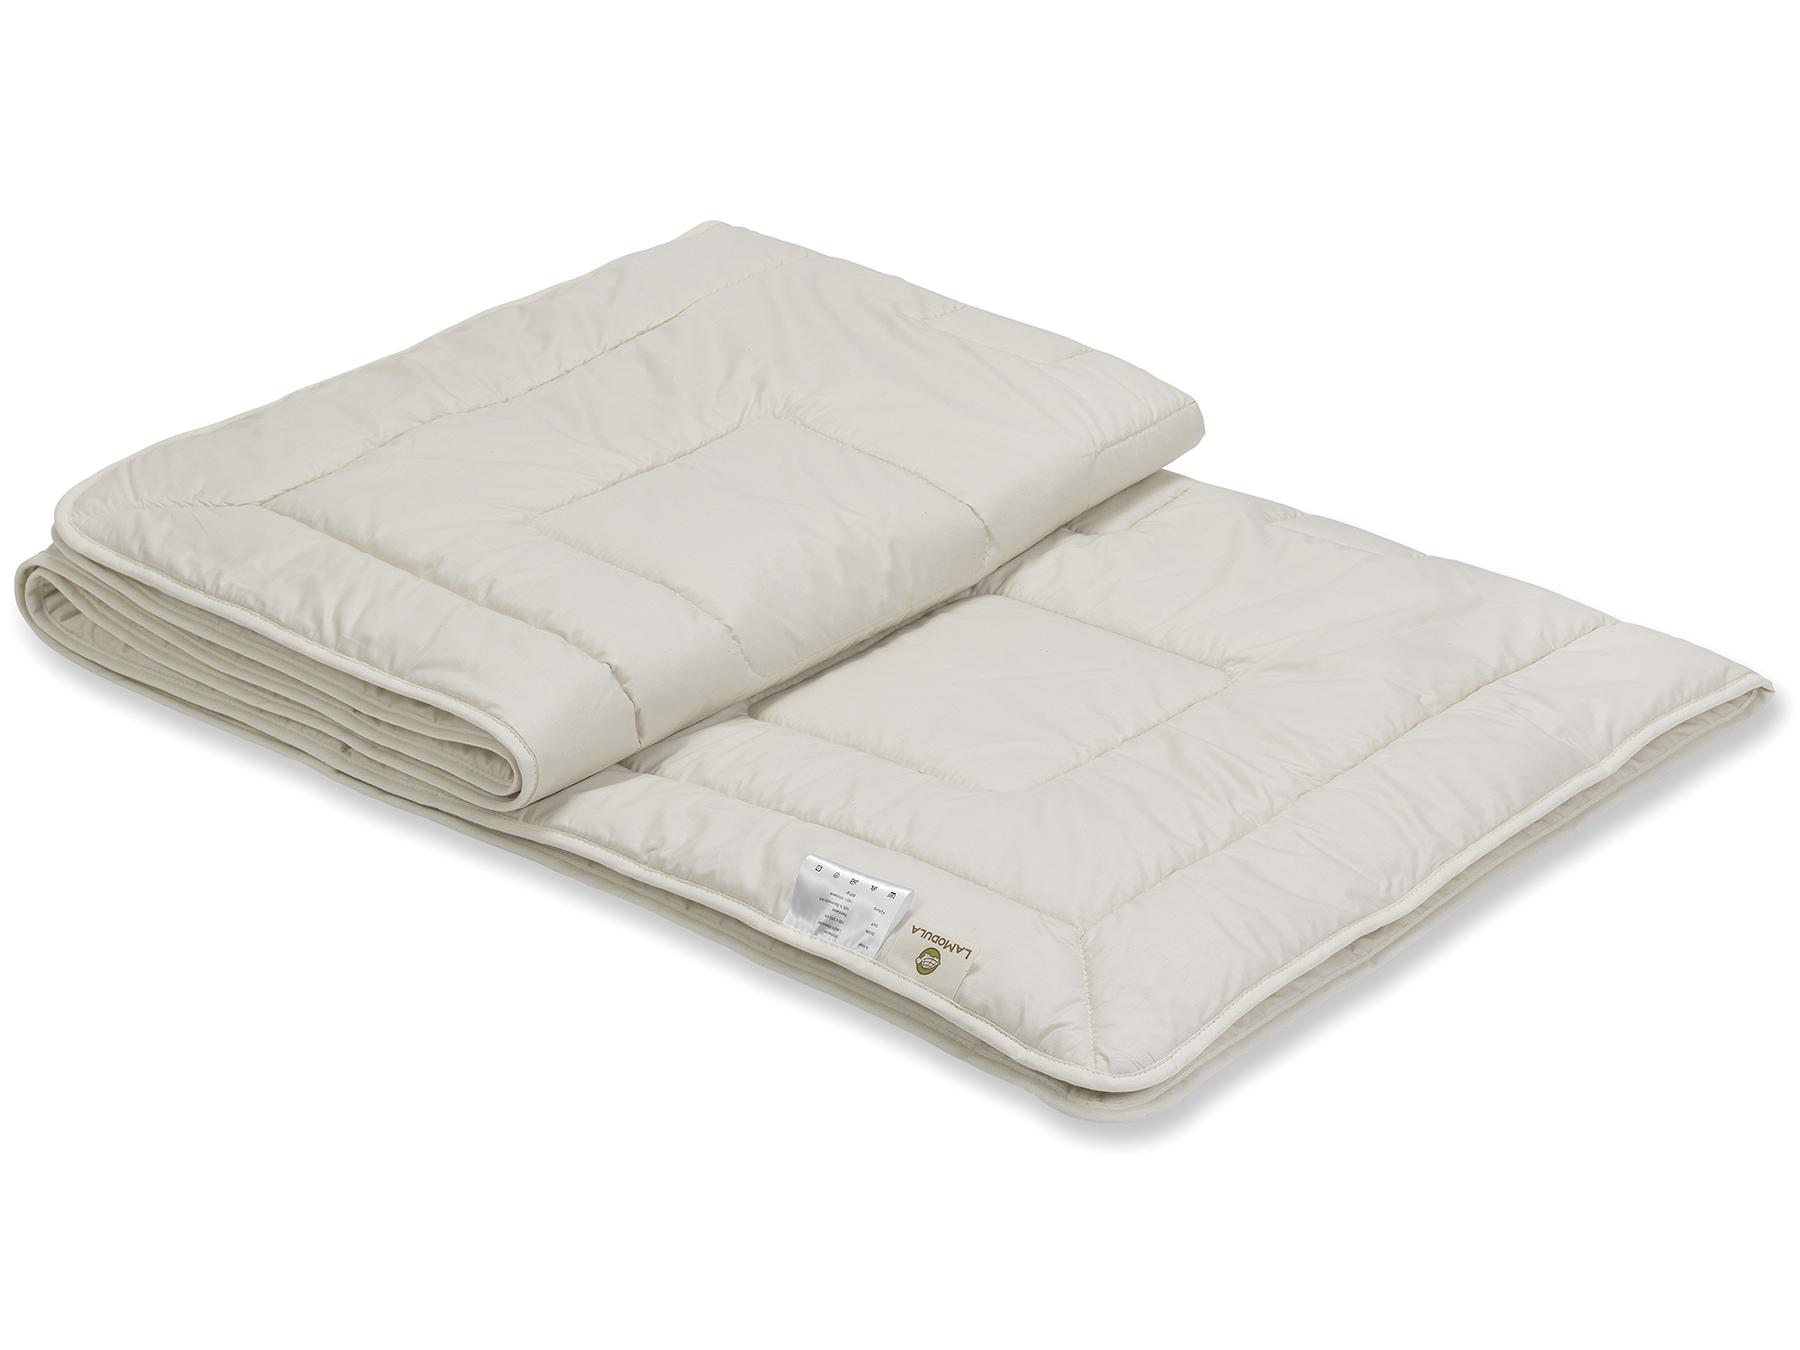 Feinste Tussah-Wildseide sorgt für ein kühles Klima im Bett.